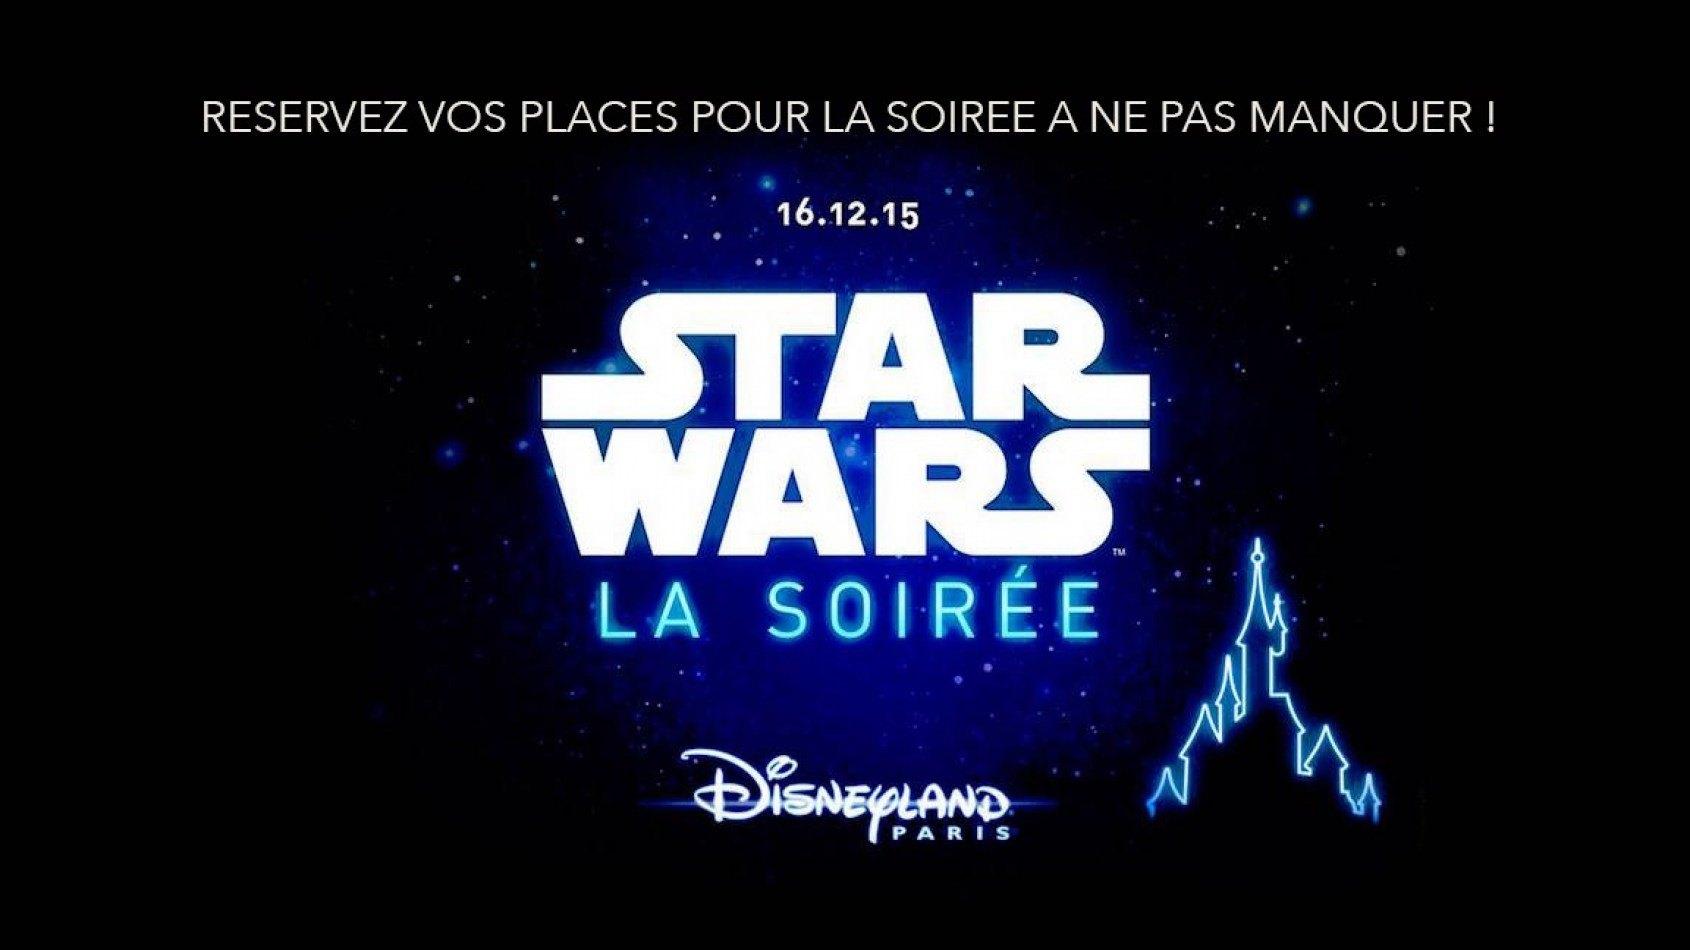 Ouverture des ventes Soirée Star Wars à Disneyland Paris le 16 décembre !